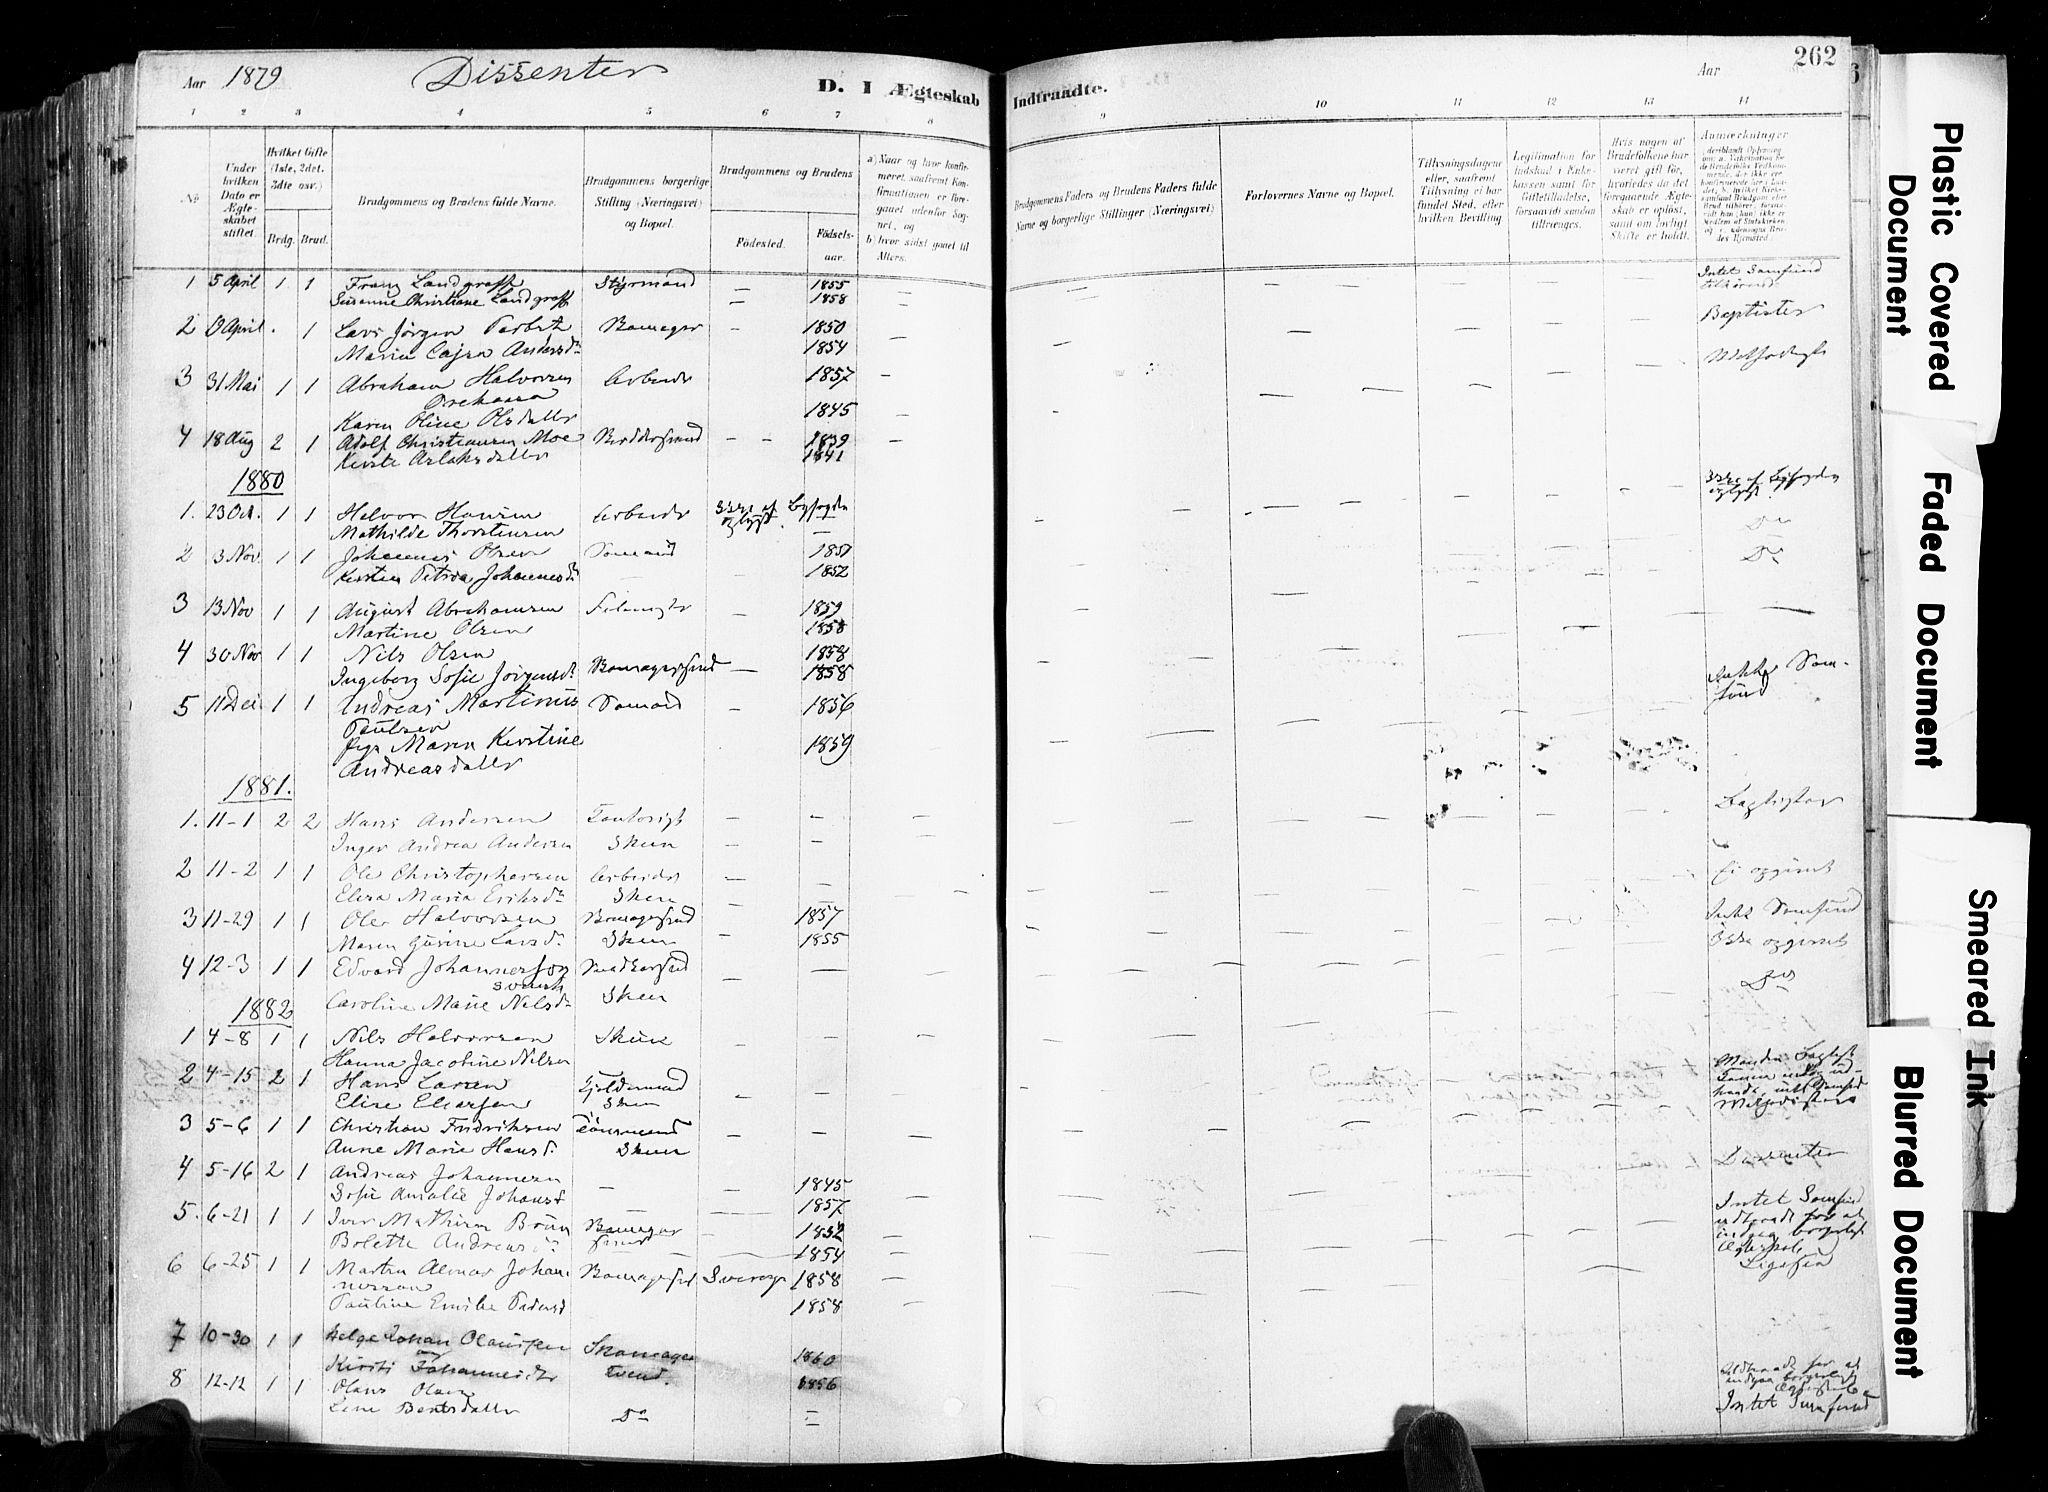 SAKO, Skien kirkebøker, F/Fa/L0009: Ministerialbok nr. 9, 1878-1890, s. 262